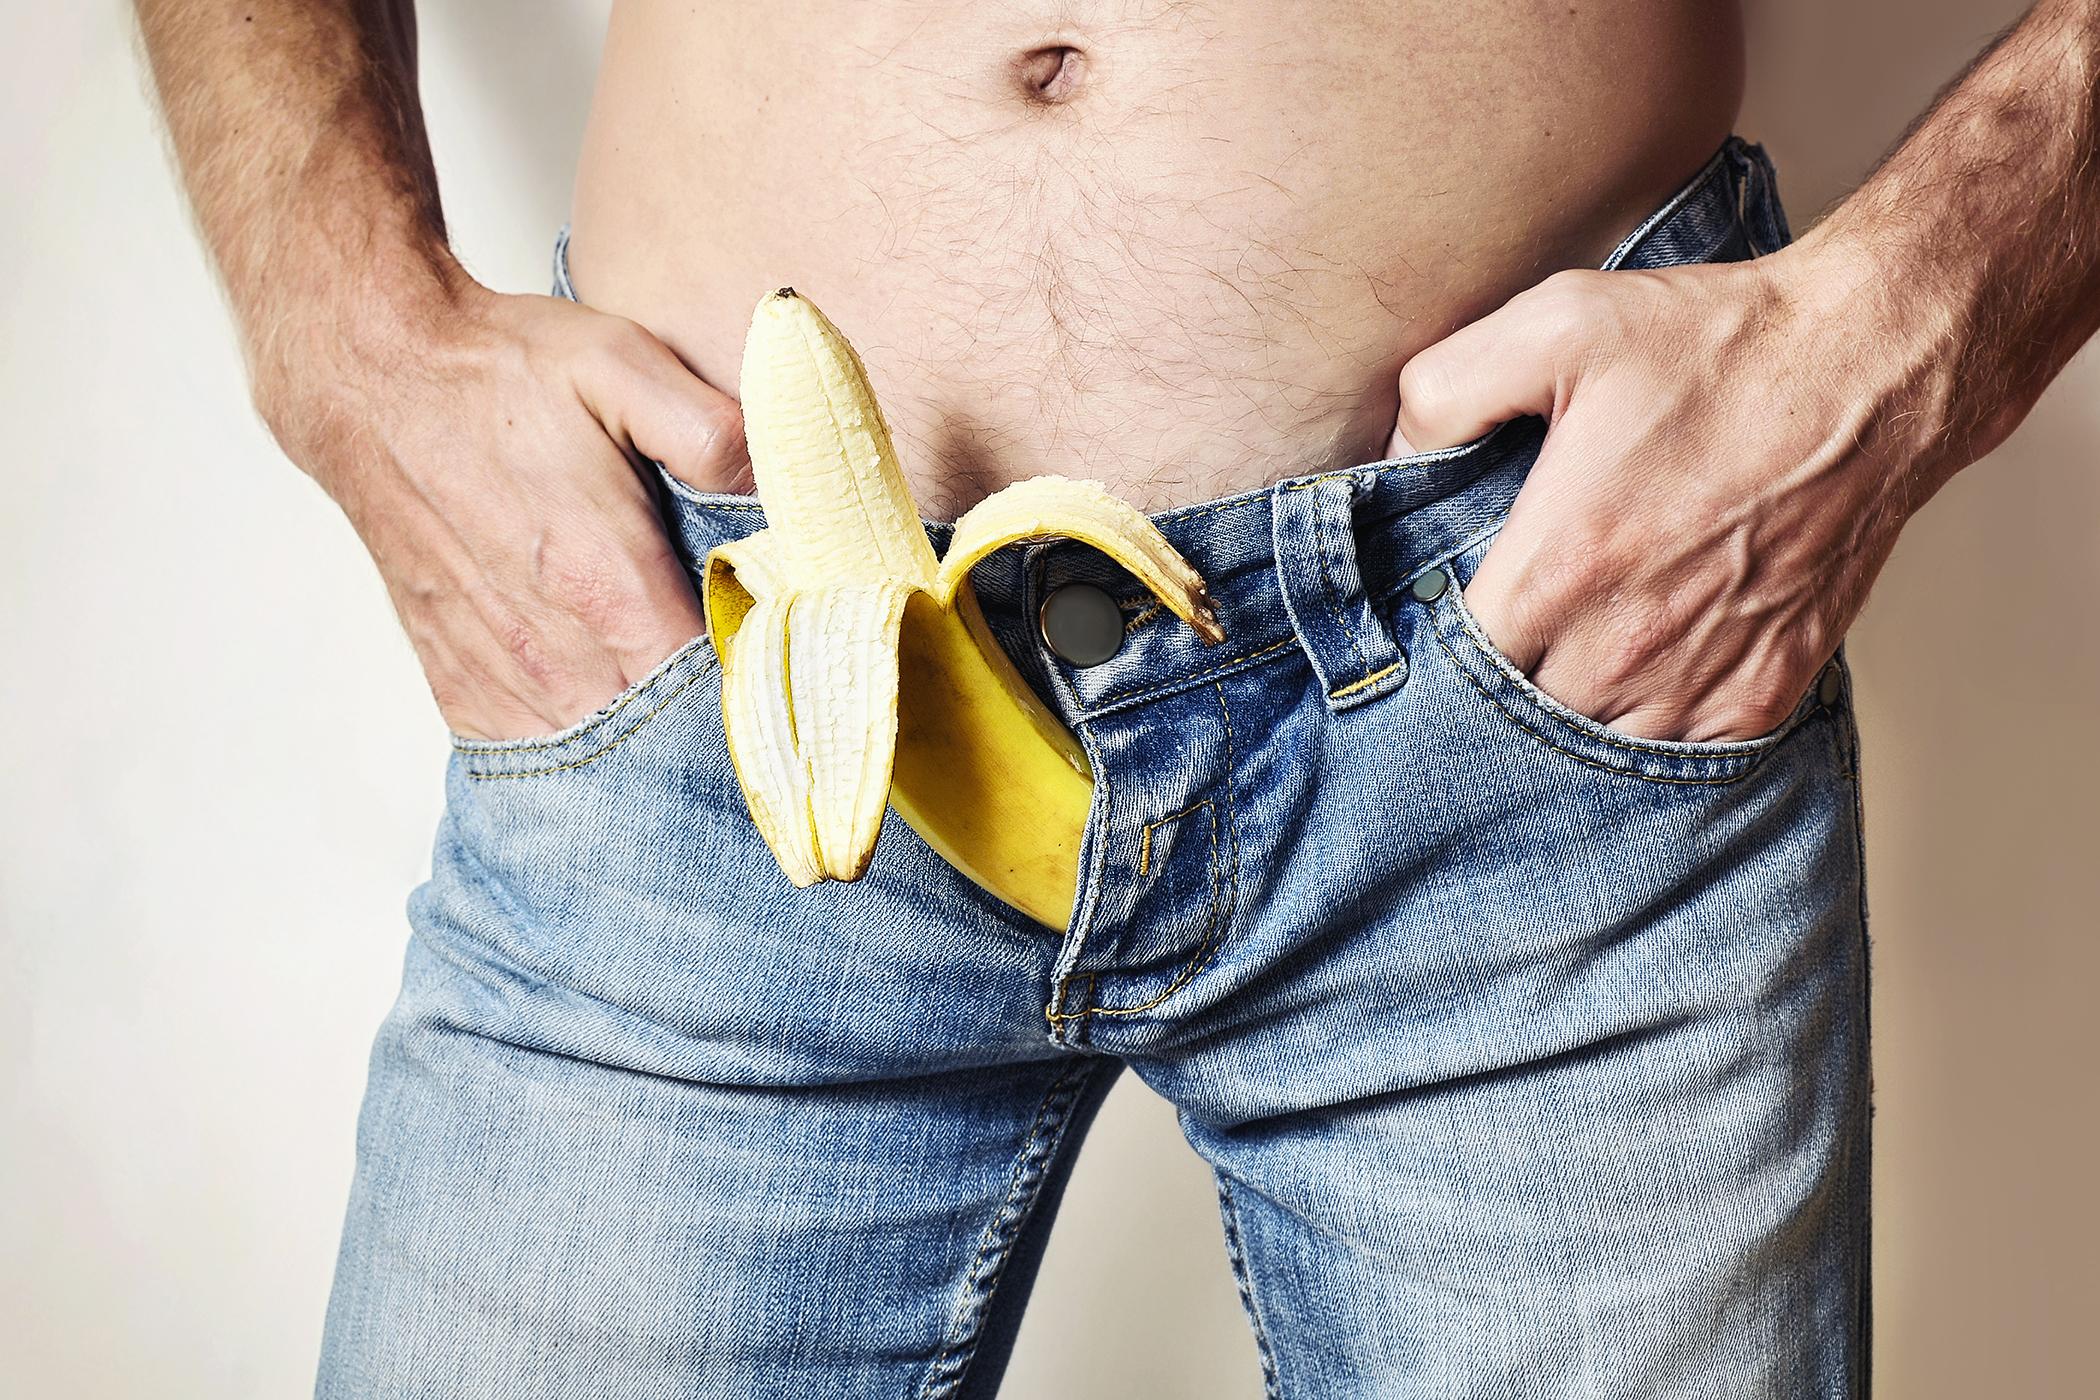 mit kell tenni erekció hiányában a férfiaknál gyenge merevedés és a magömlés hiánya